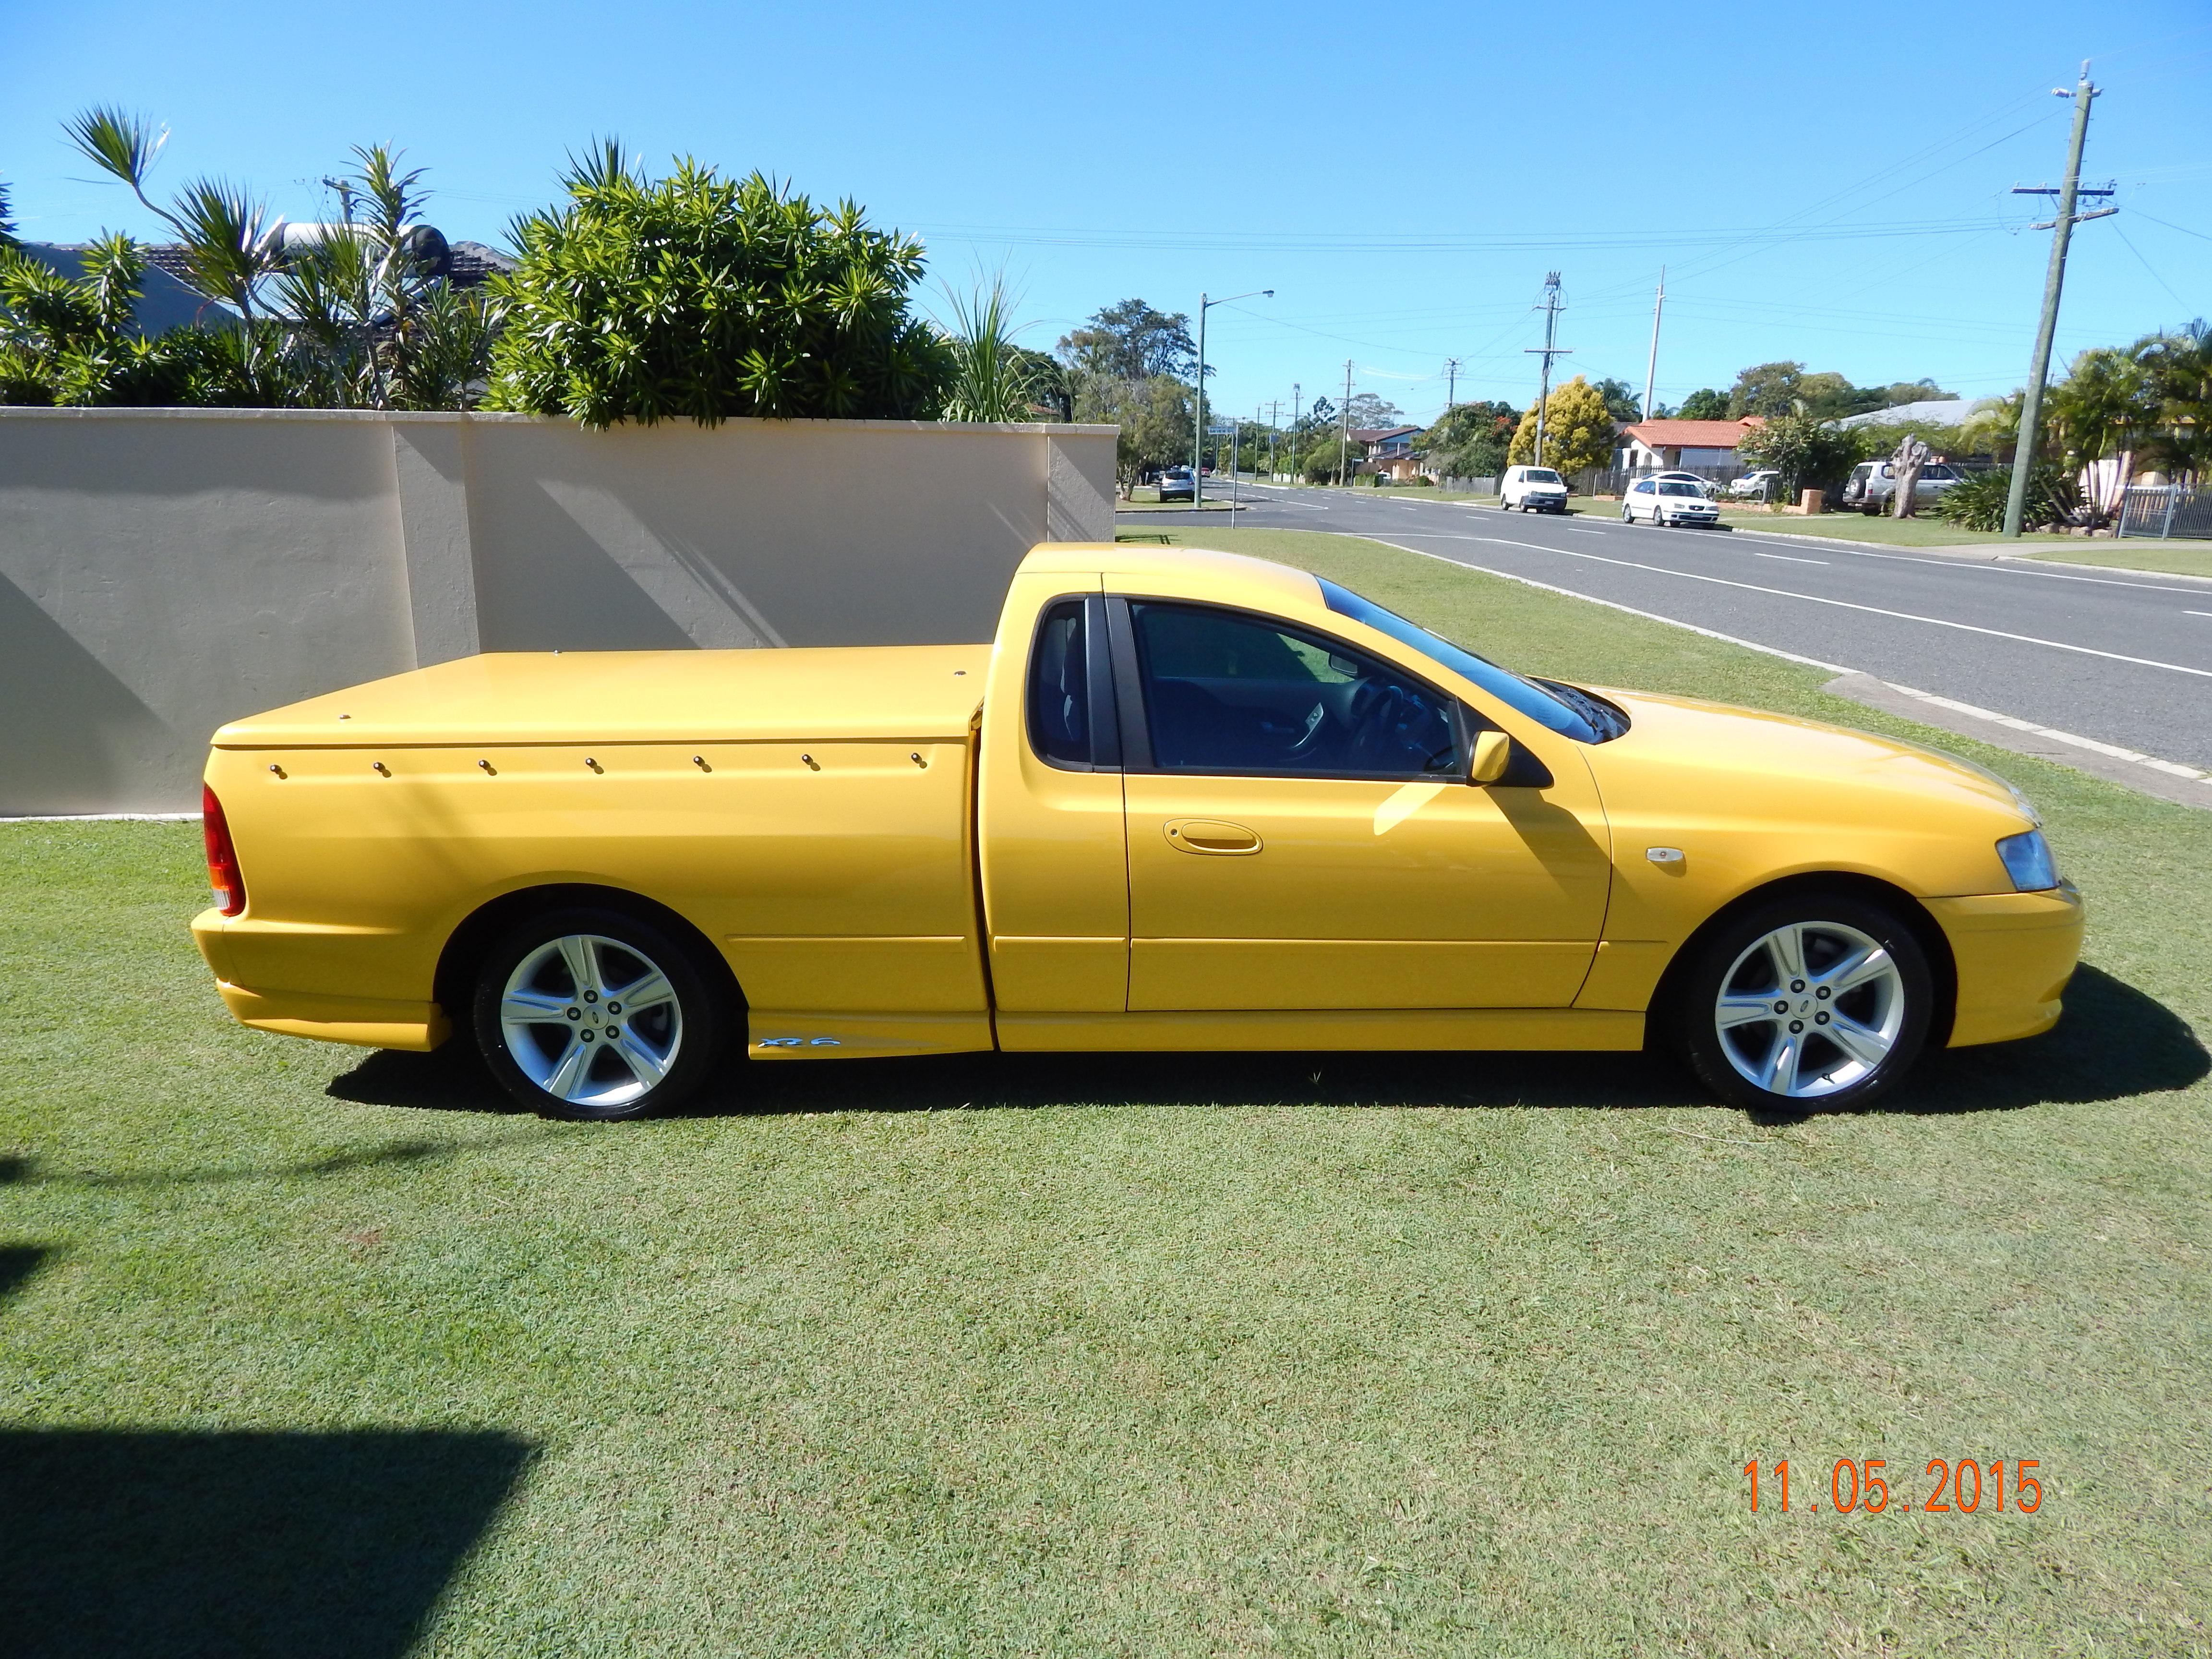 2005 Ford Falcon Ute Car Sales Qld Fraser Coast 2631657